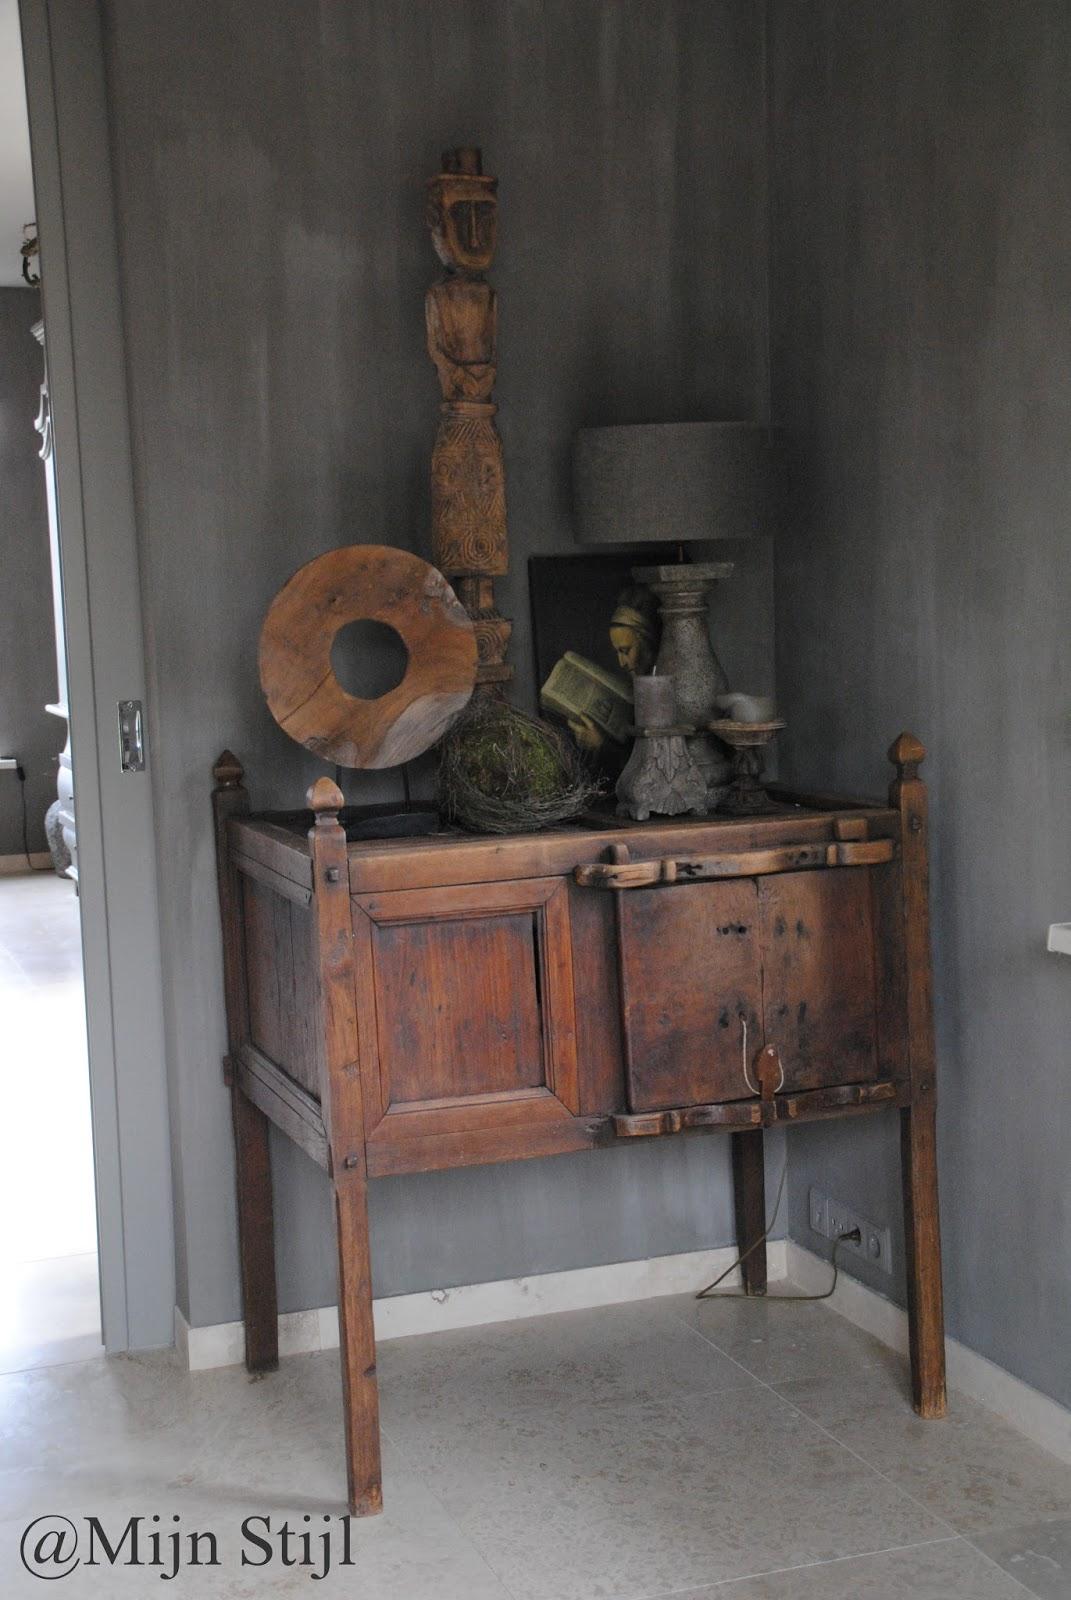 Mijn stijl: onze vernieuwde woonkeuken...